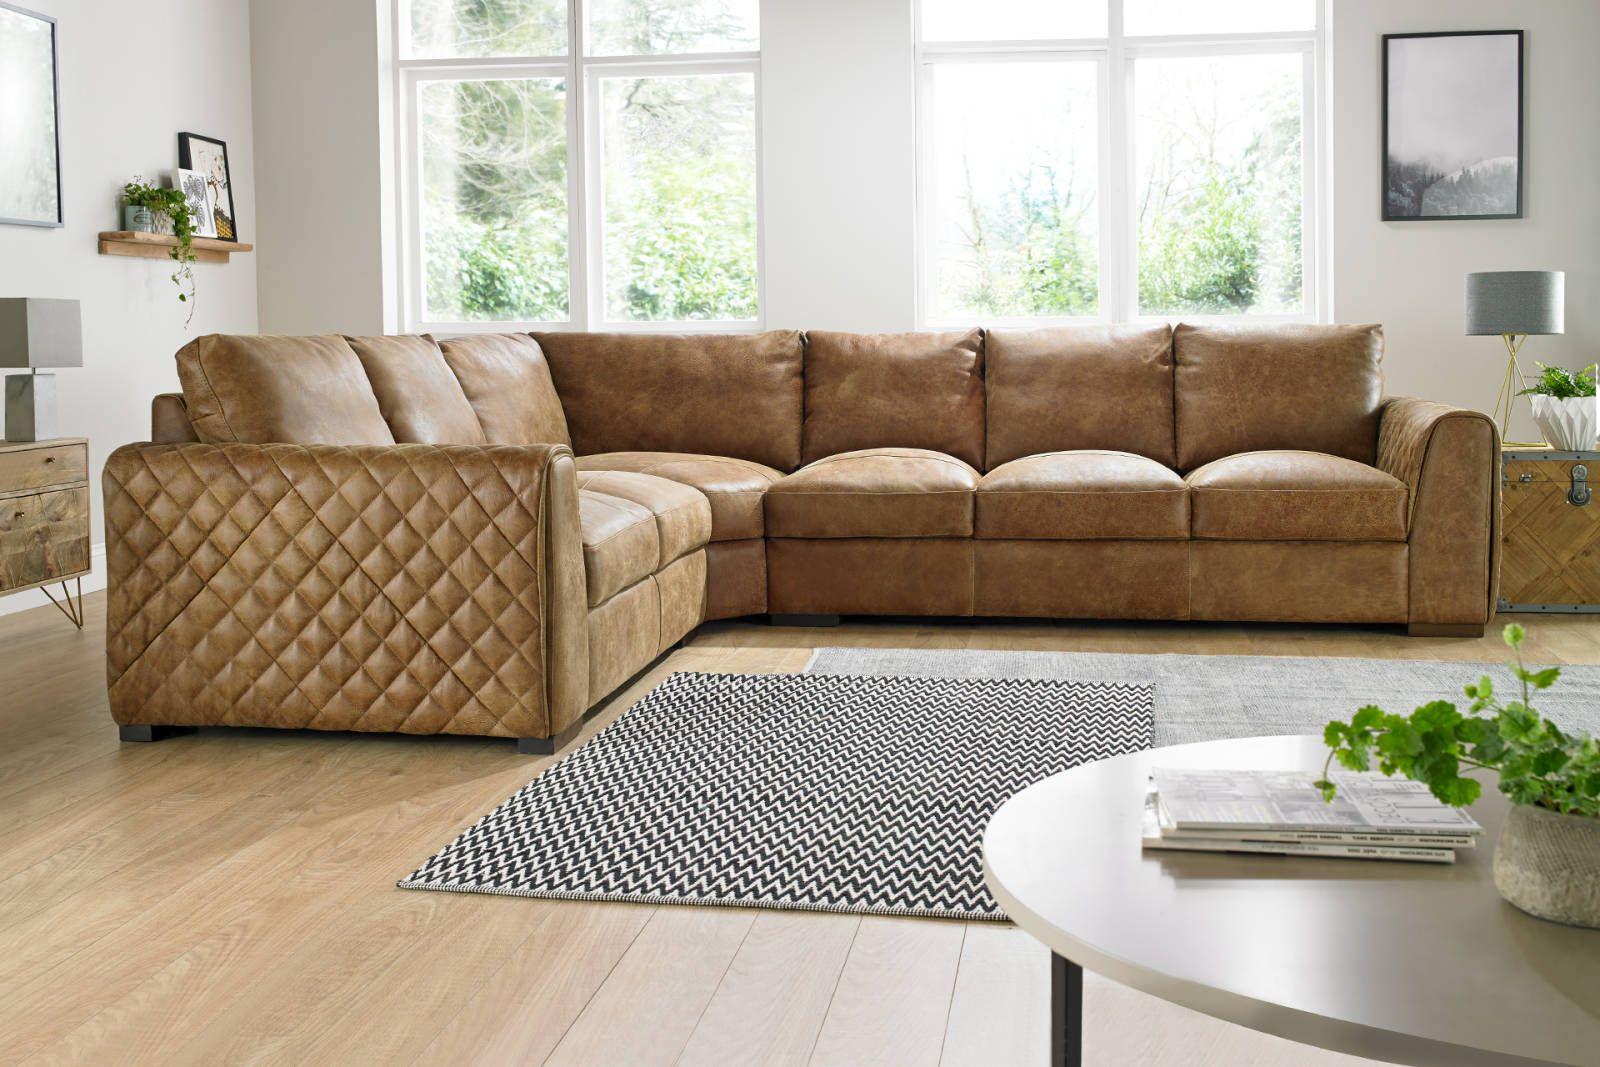 Mazzini Sofology Leather corner sofa, Sofa furniture